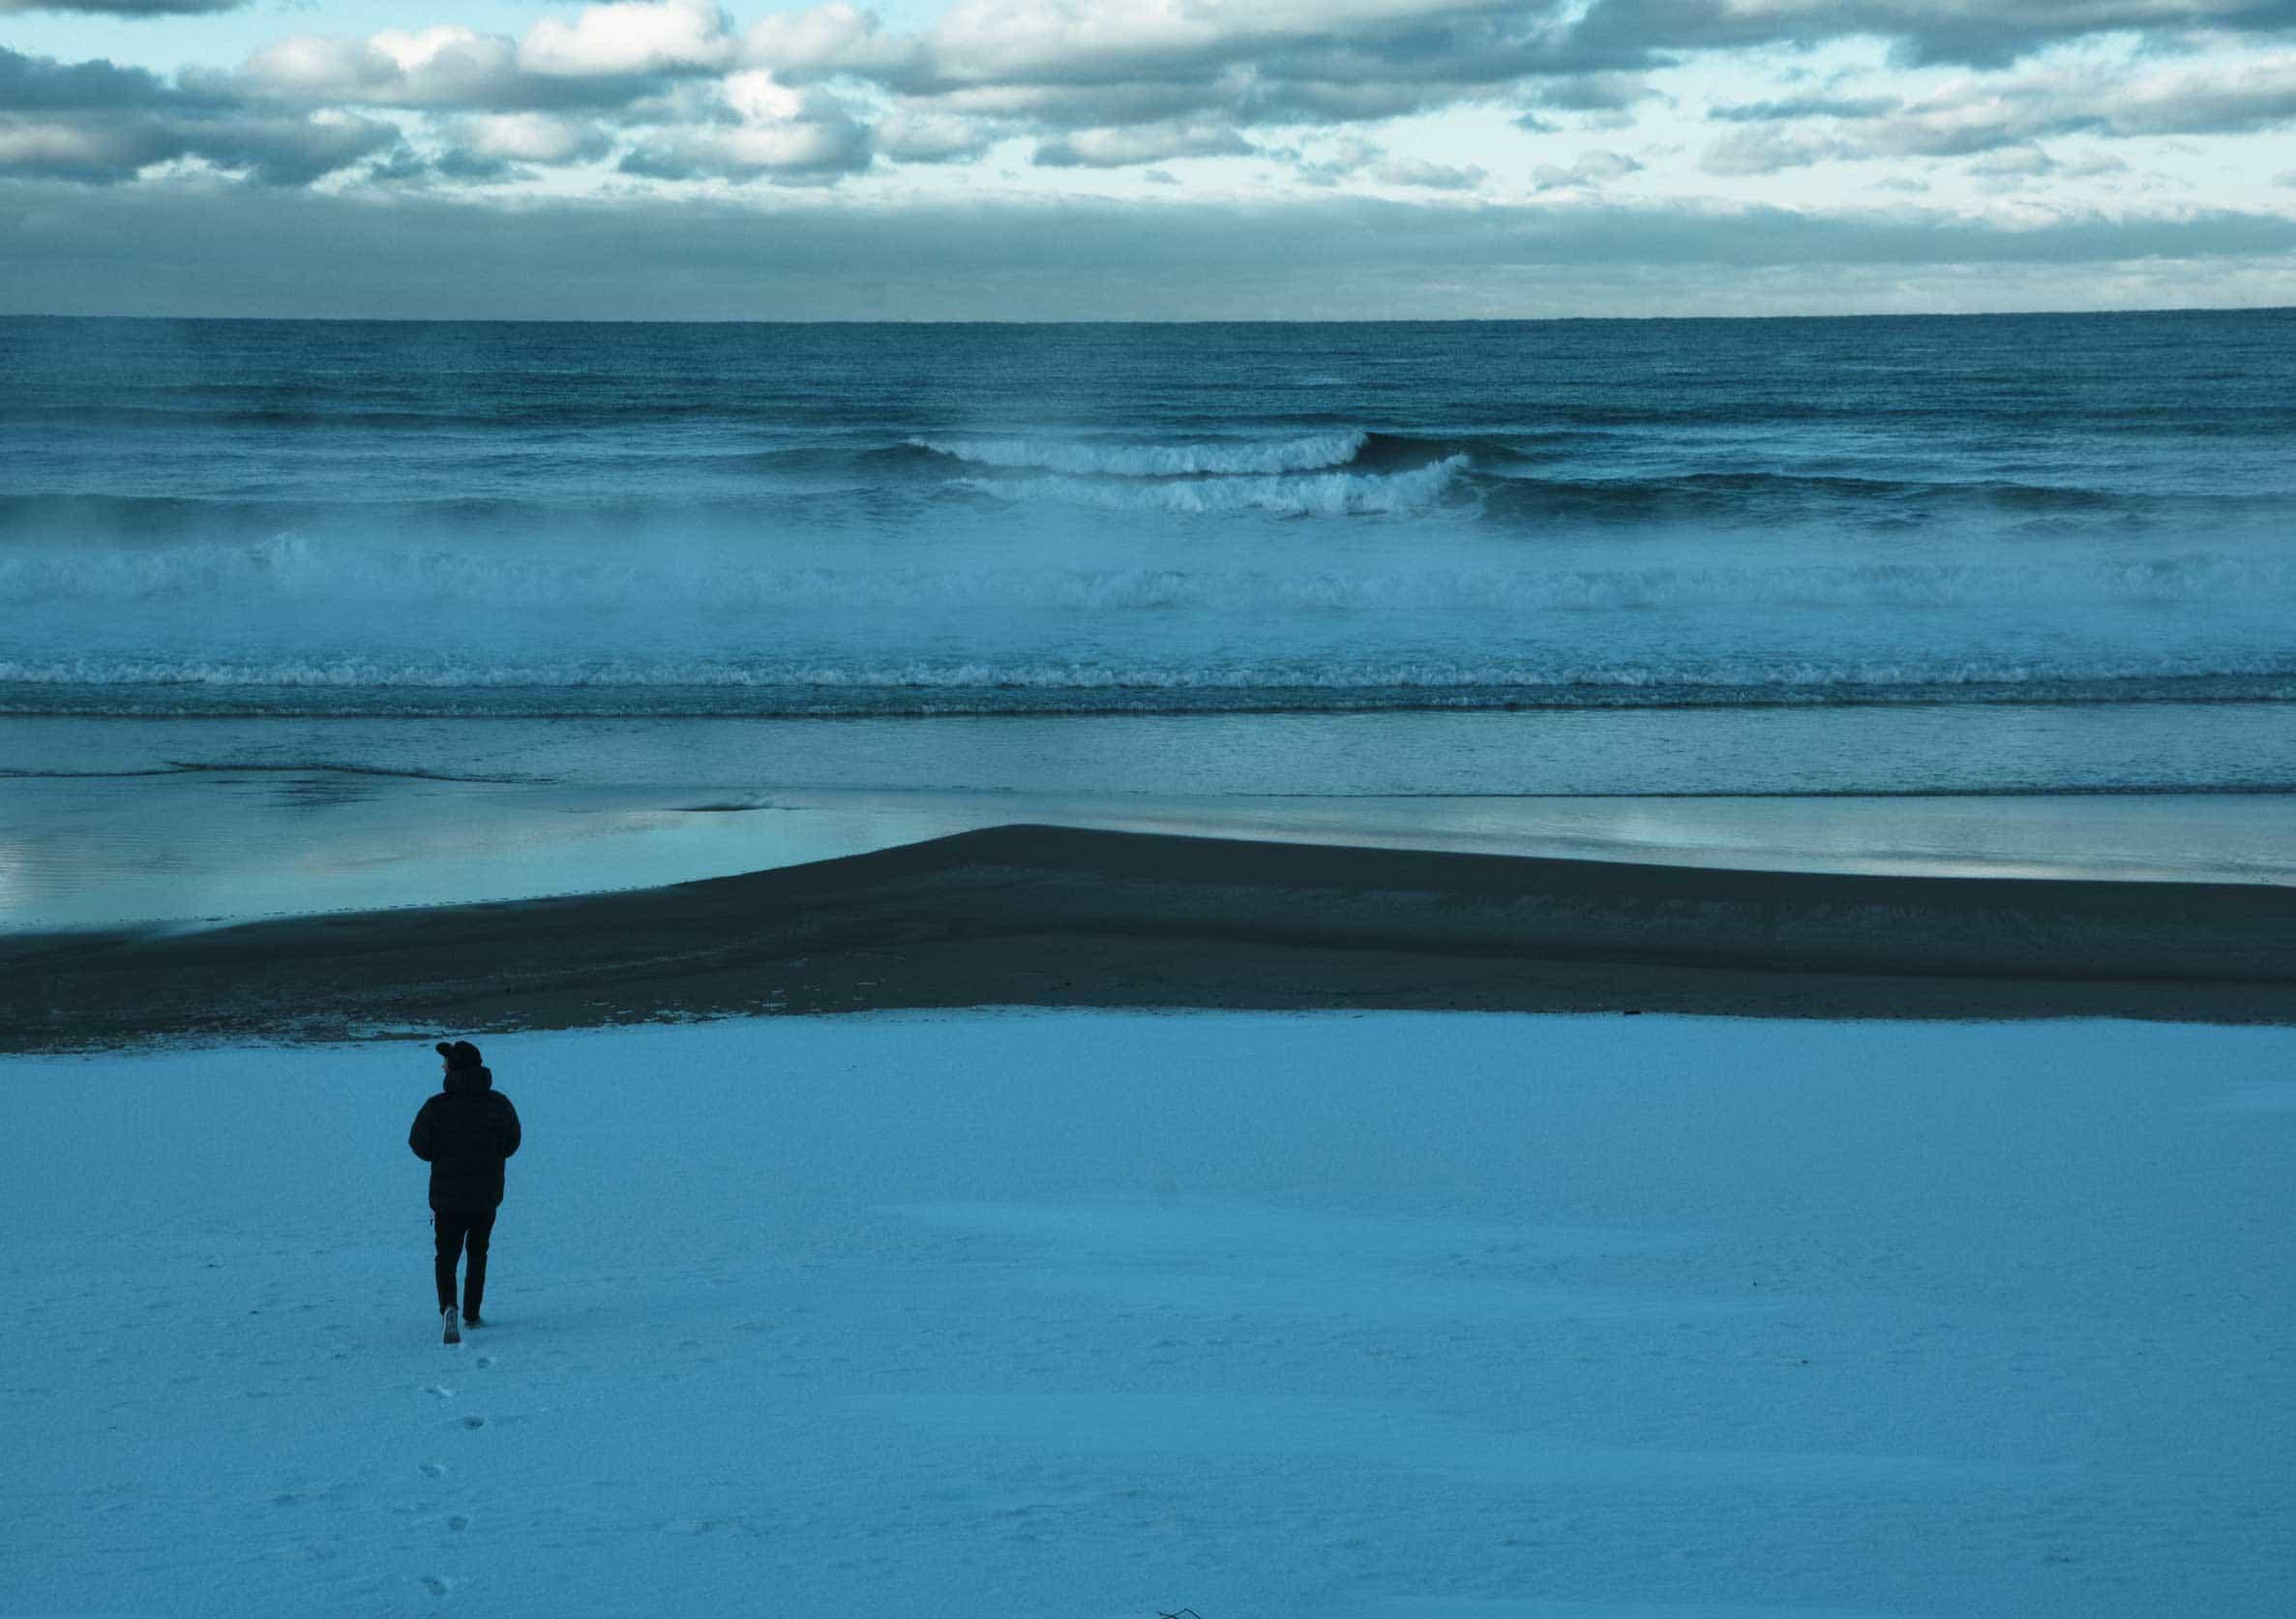 Å fange et øyeblikk – Surfebilder med sjel